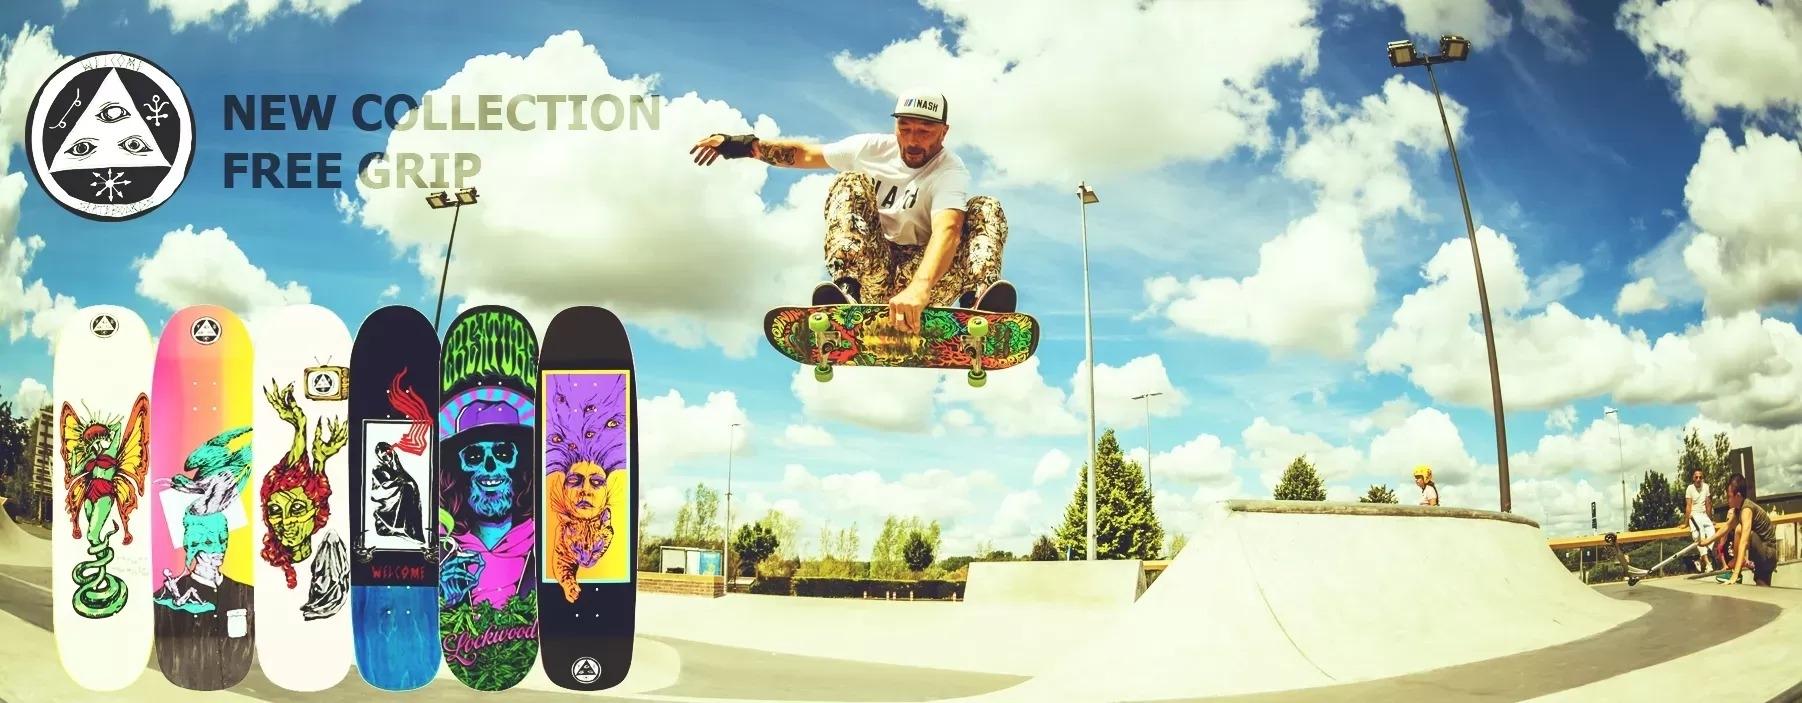 Skateboard Deck Slider image